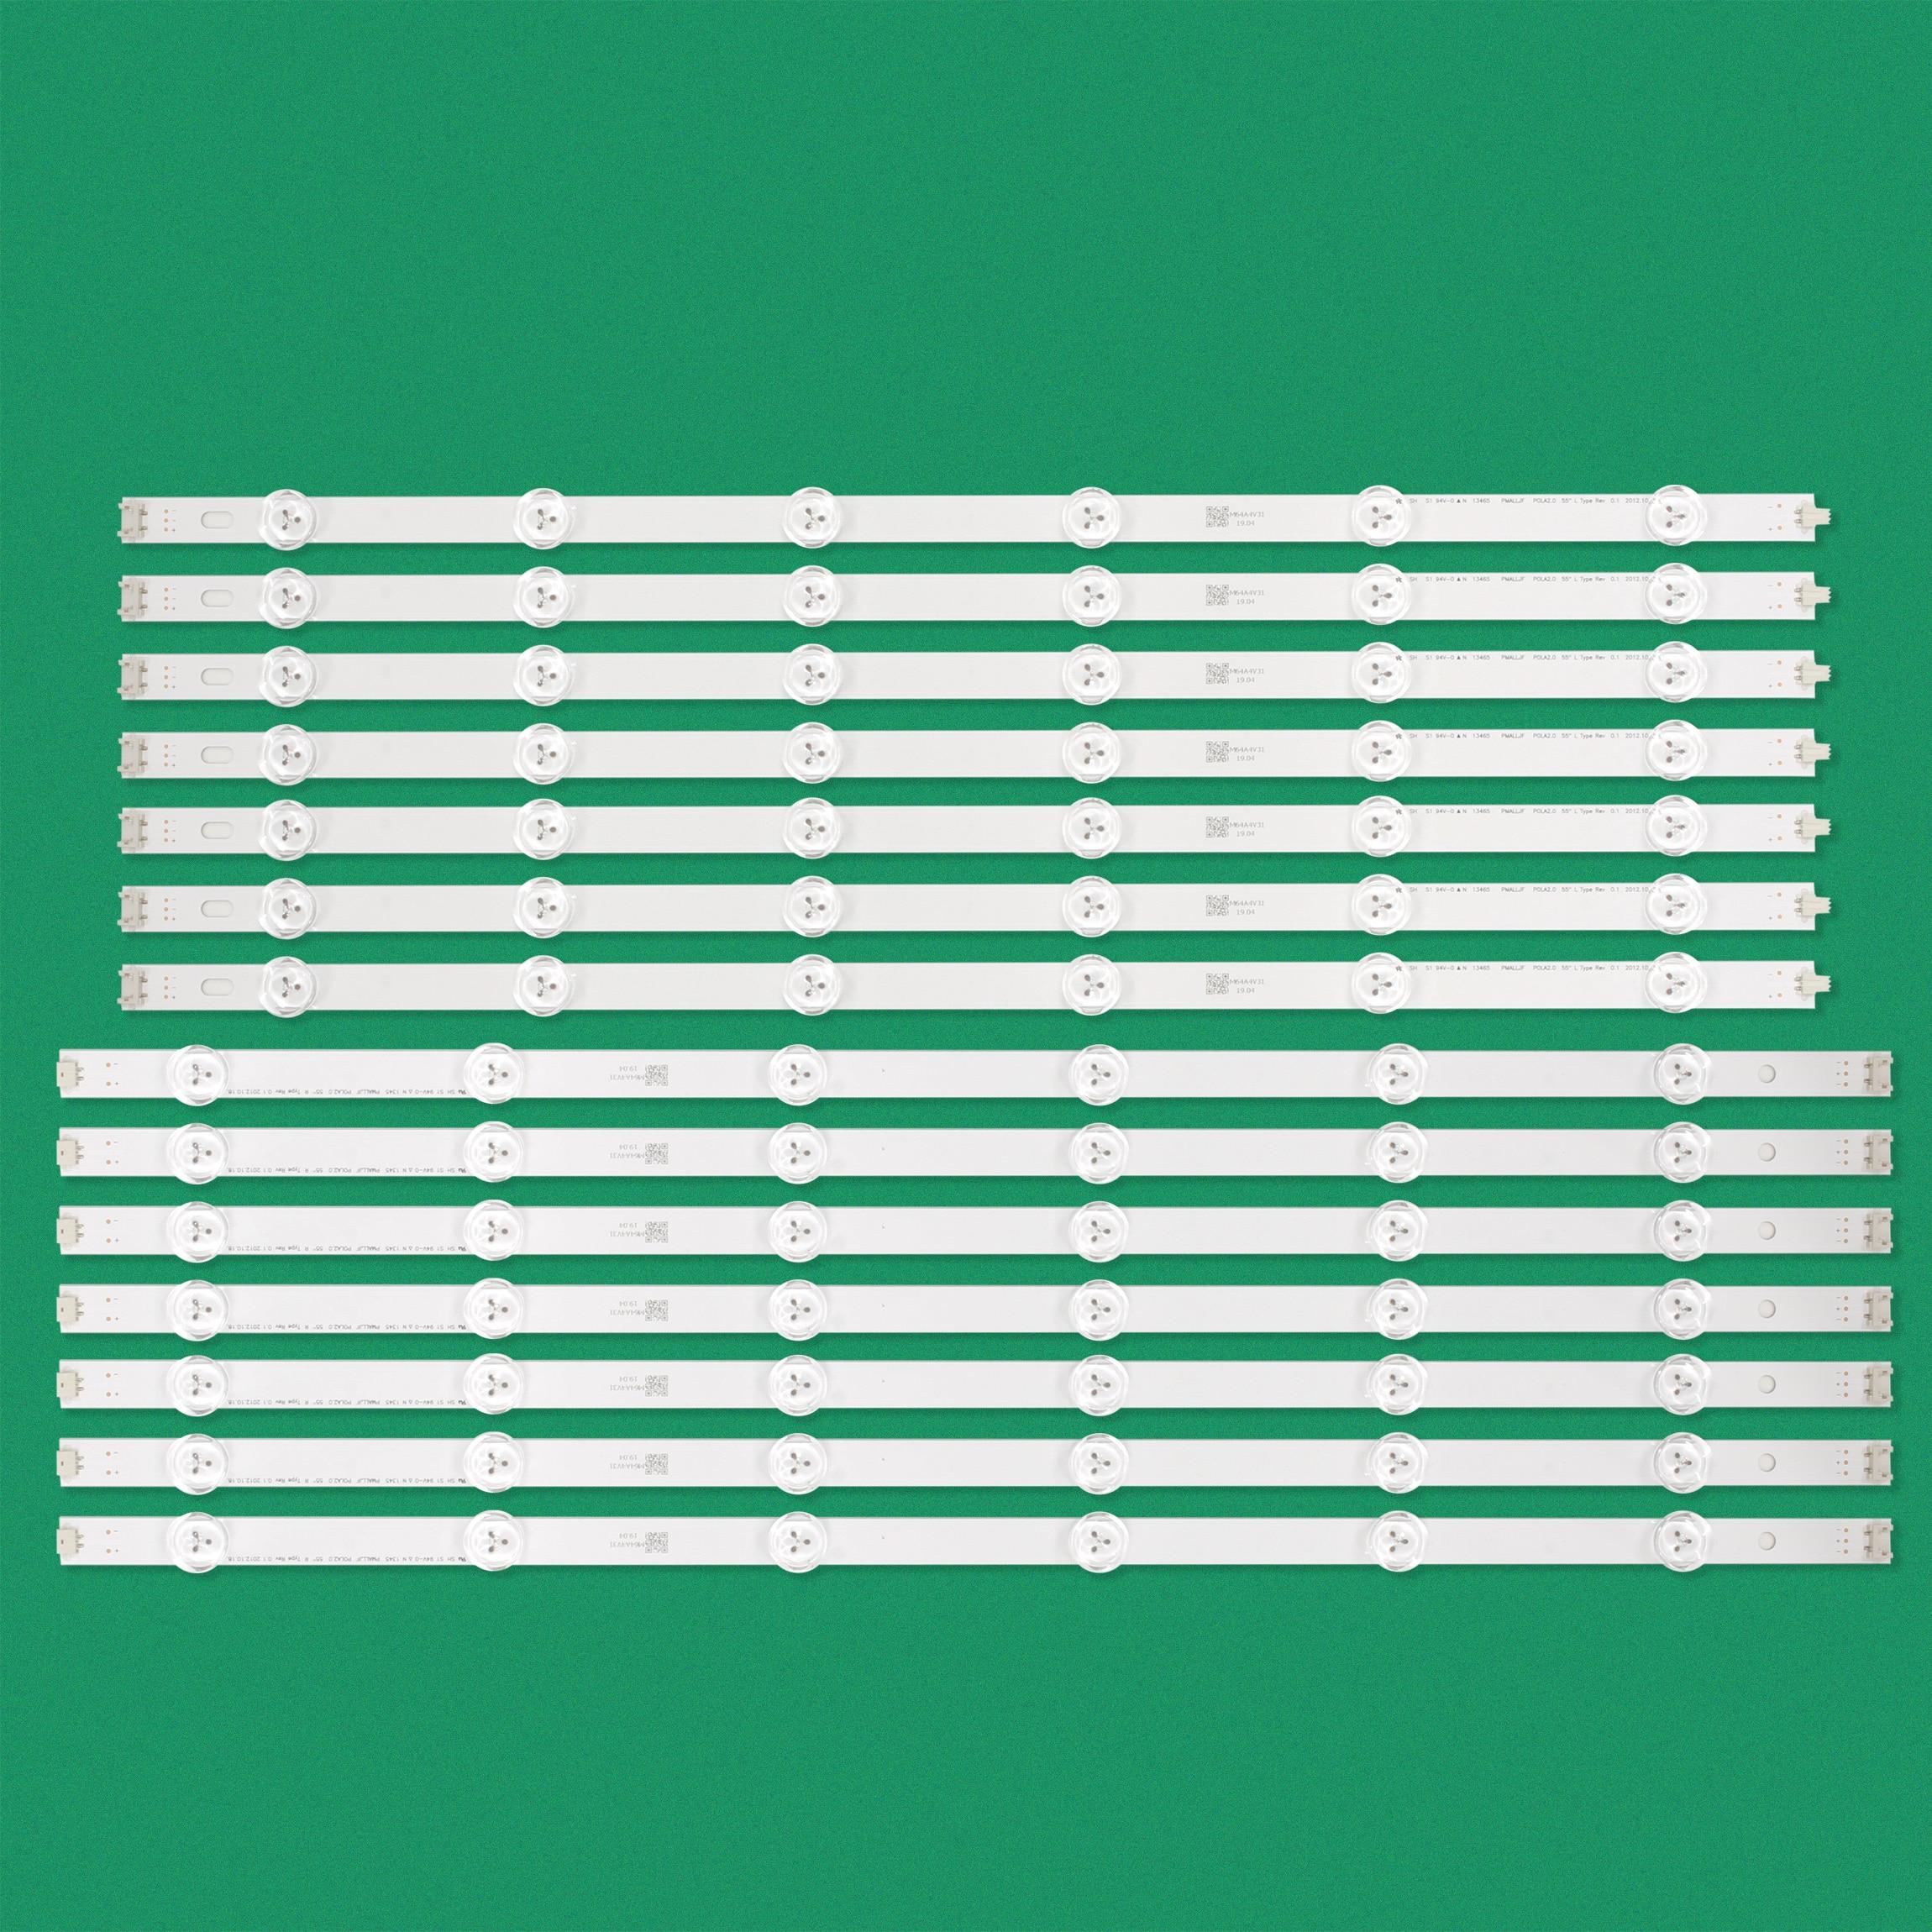 LED Backlight strip For LG Innotek POLA 2 0 55 55LN5708 ZA 55LN5707 ZA 55LA613V ZB